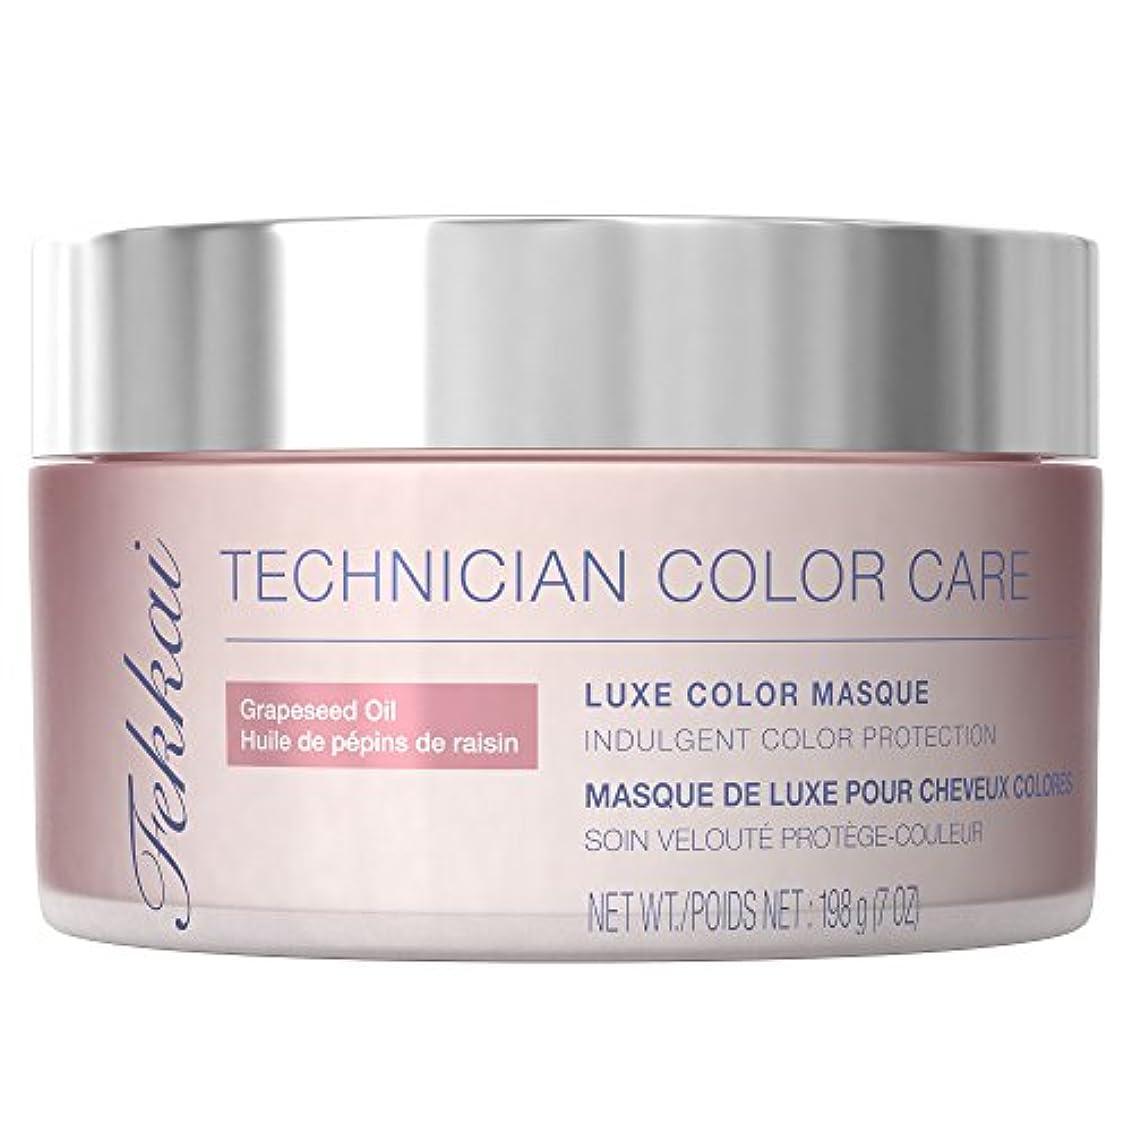 症候群大破大きなスケールで見るとフレデリックフェッカイ Technician Color Care Luxe Color Masque (Indulgent Color Protection) 198g/7oz [海外直送品]